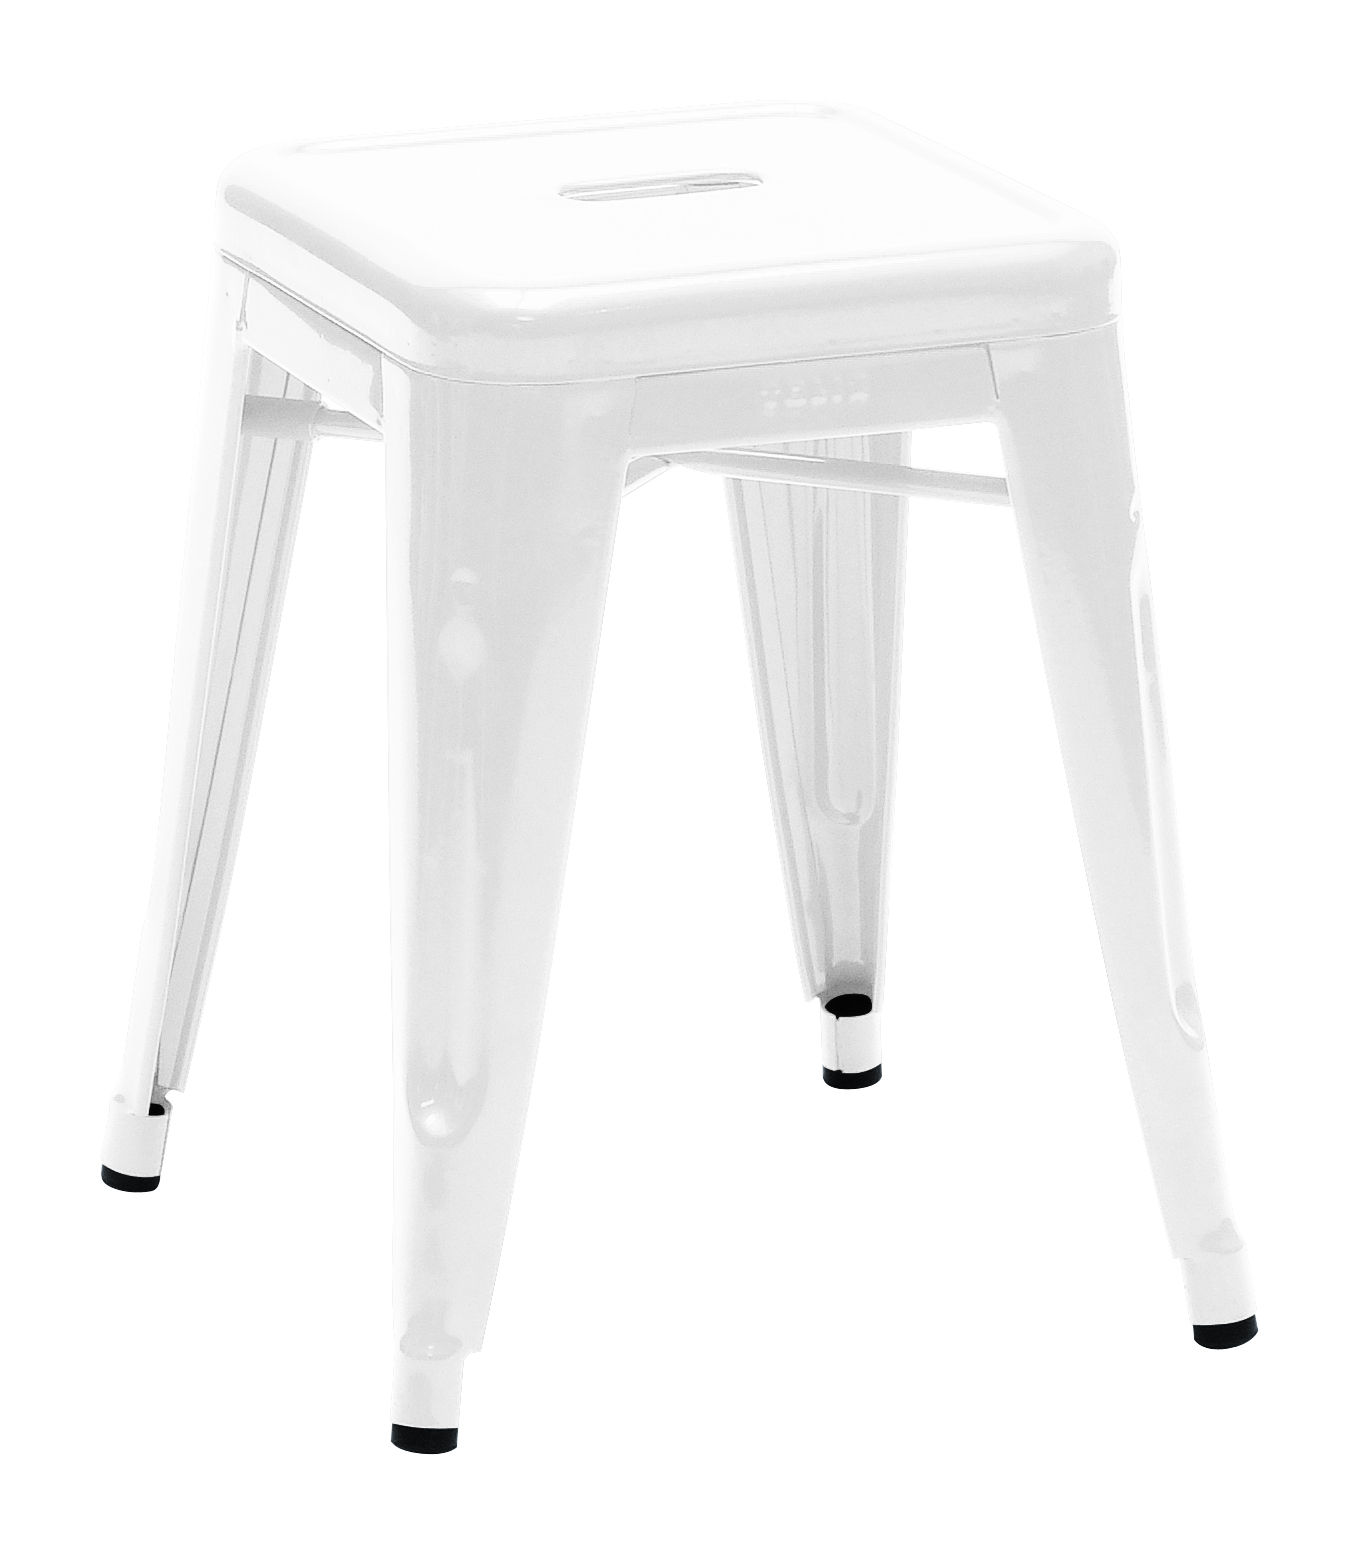 Mobilier - Tabourets bas - Tabouret empilable H / H 45 cm - Couleur brillante - Intérieur - Tolix - Blanc - Acier recyclé laqué